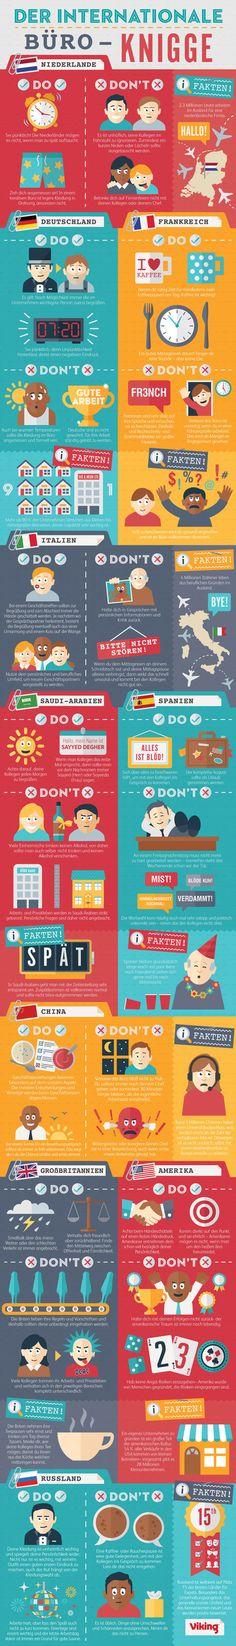 Internationaler Business-Knigge: Die Do's and Don'ts auf Dienstreisen, Quelle: Viking Blog